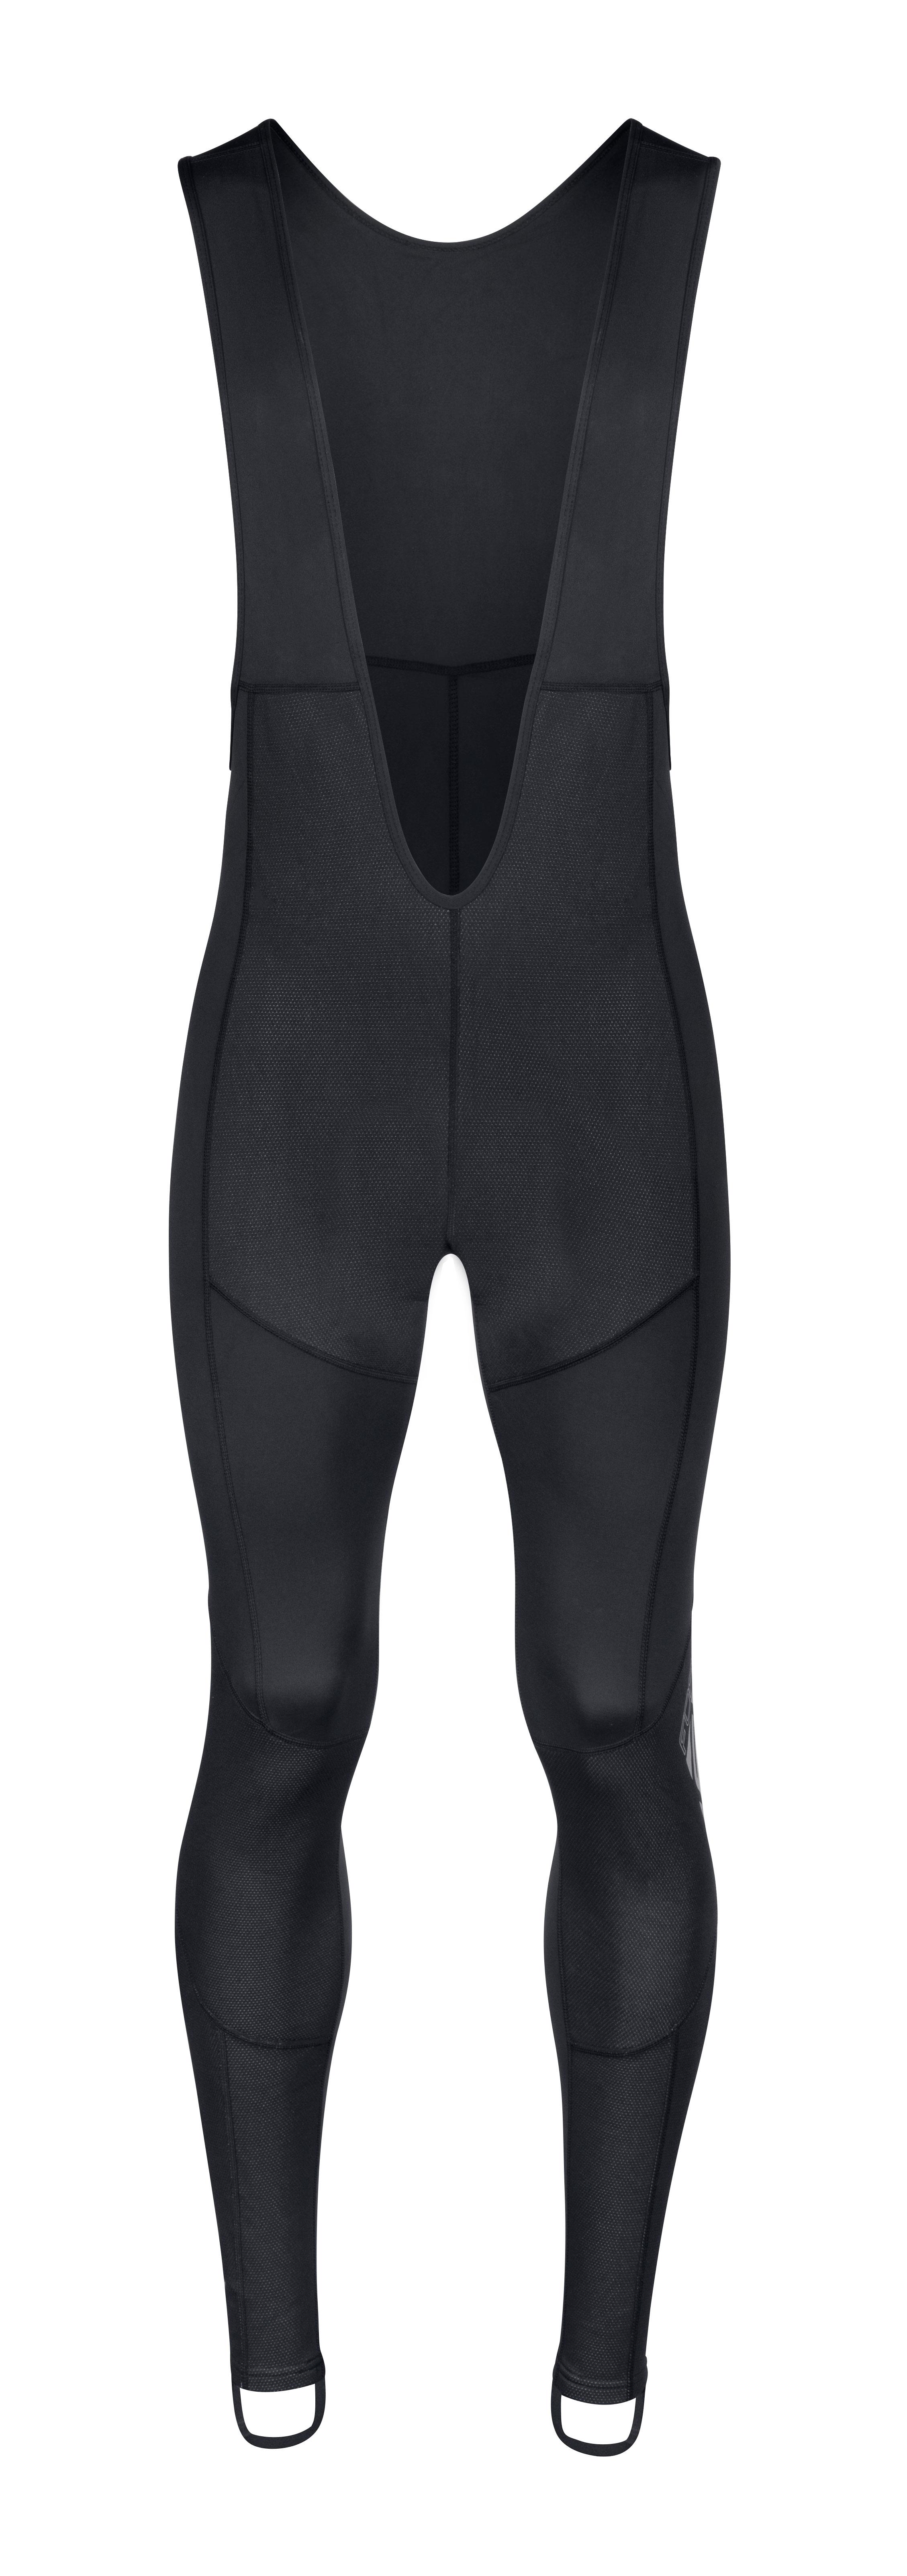 kalhoty F WINDSTER Z68 PRO se šráky bez vložky, S